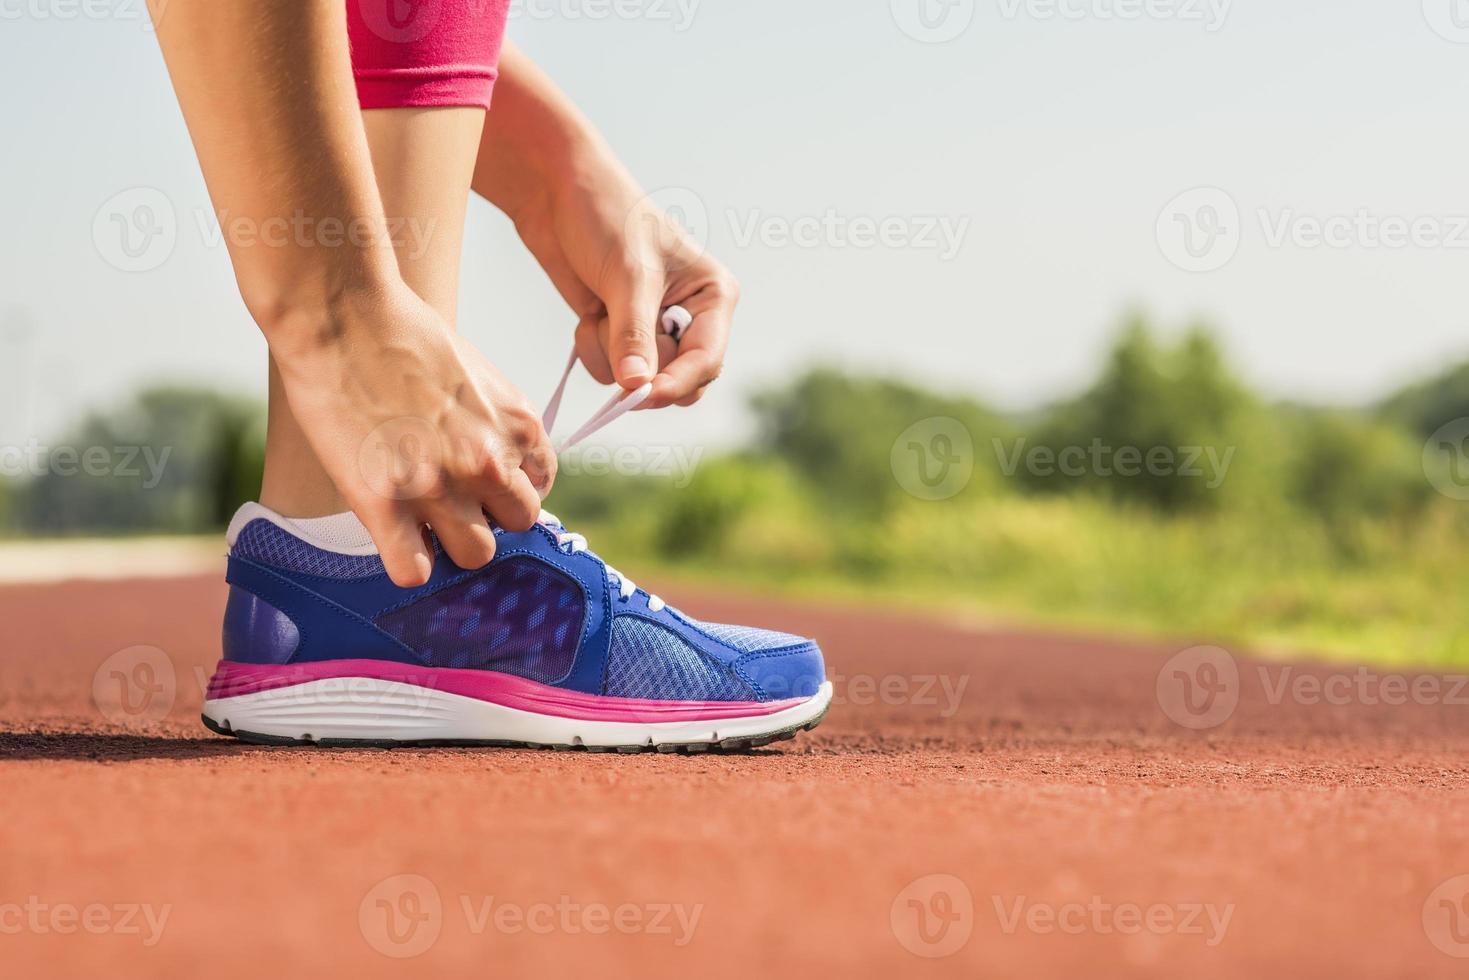 Nahaufnahme einer Frau, die die Schnürsenkel ihrer Laufschuhe festbindet foto